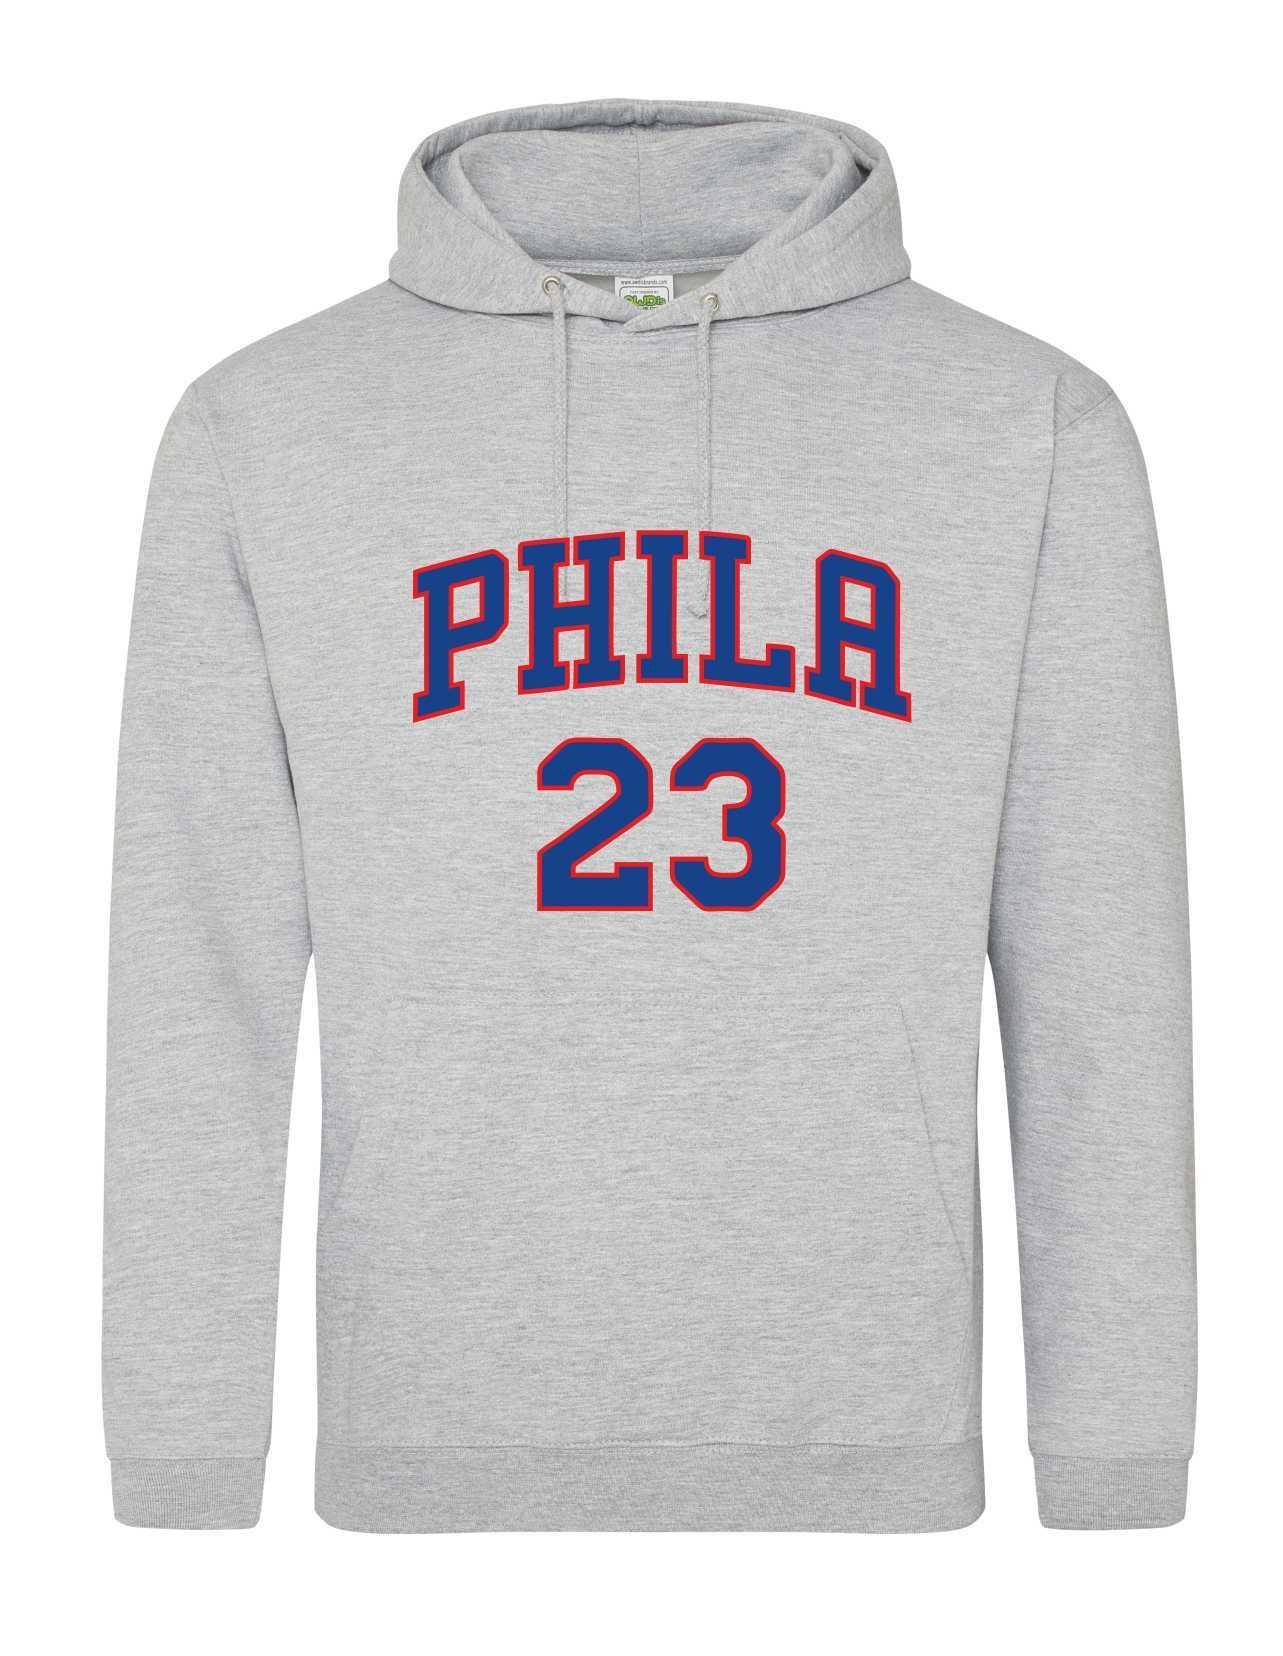 Phila 23 grey hoodie 513